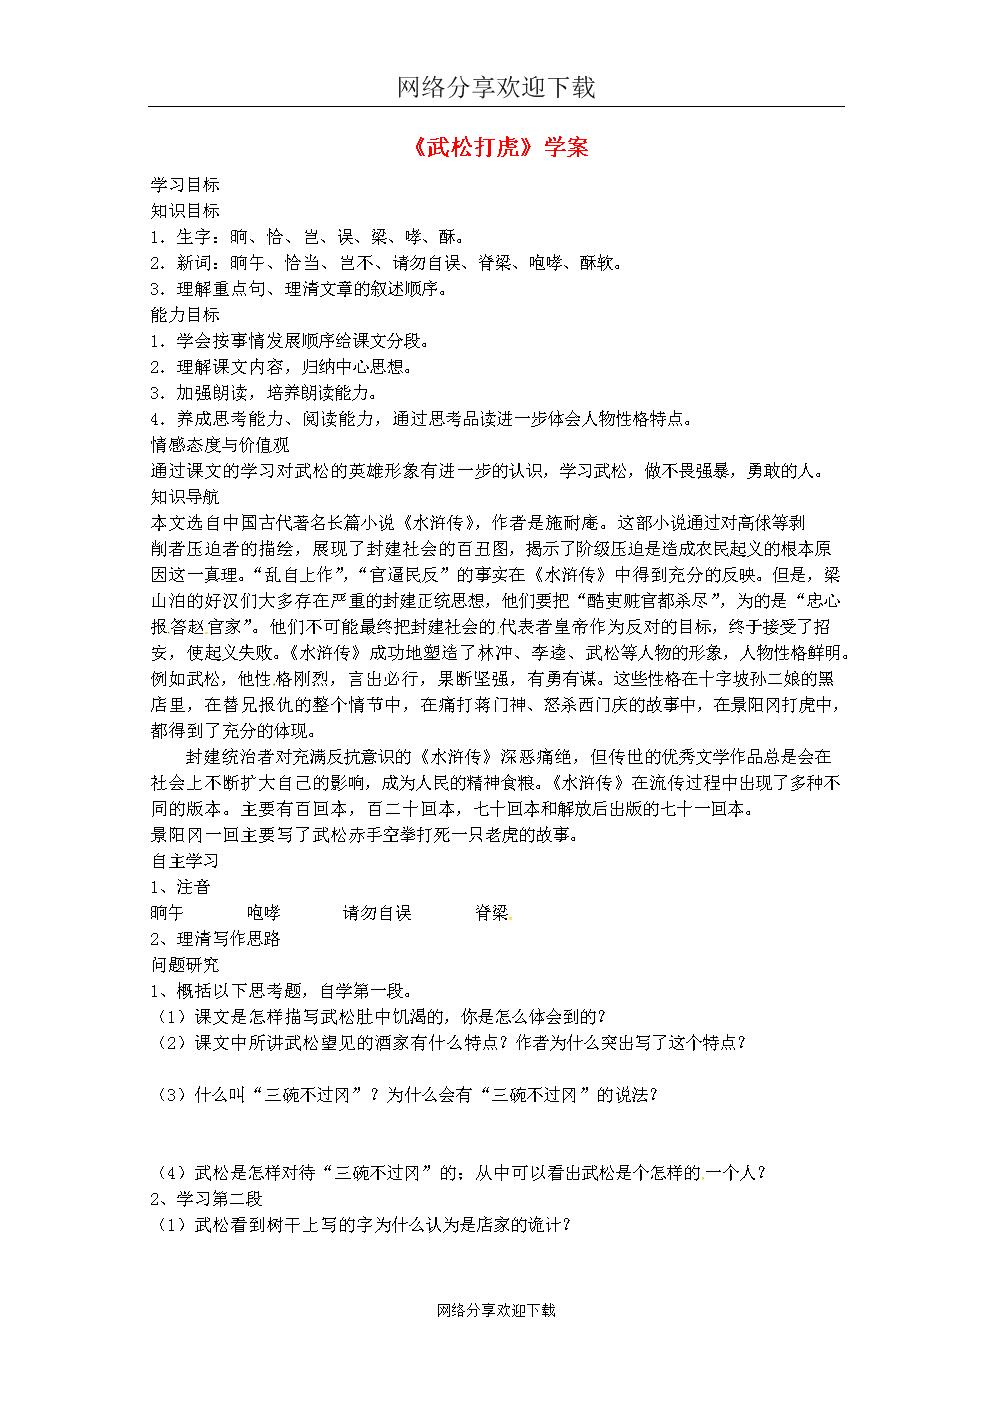 上海五四制语文九年级上册《30武松打虎》教案 (4).doc